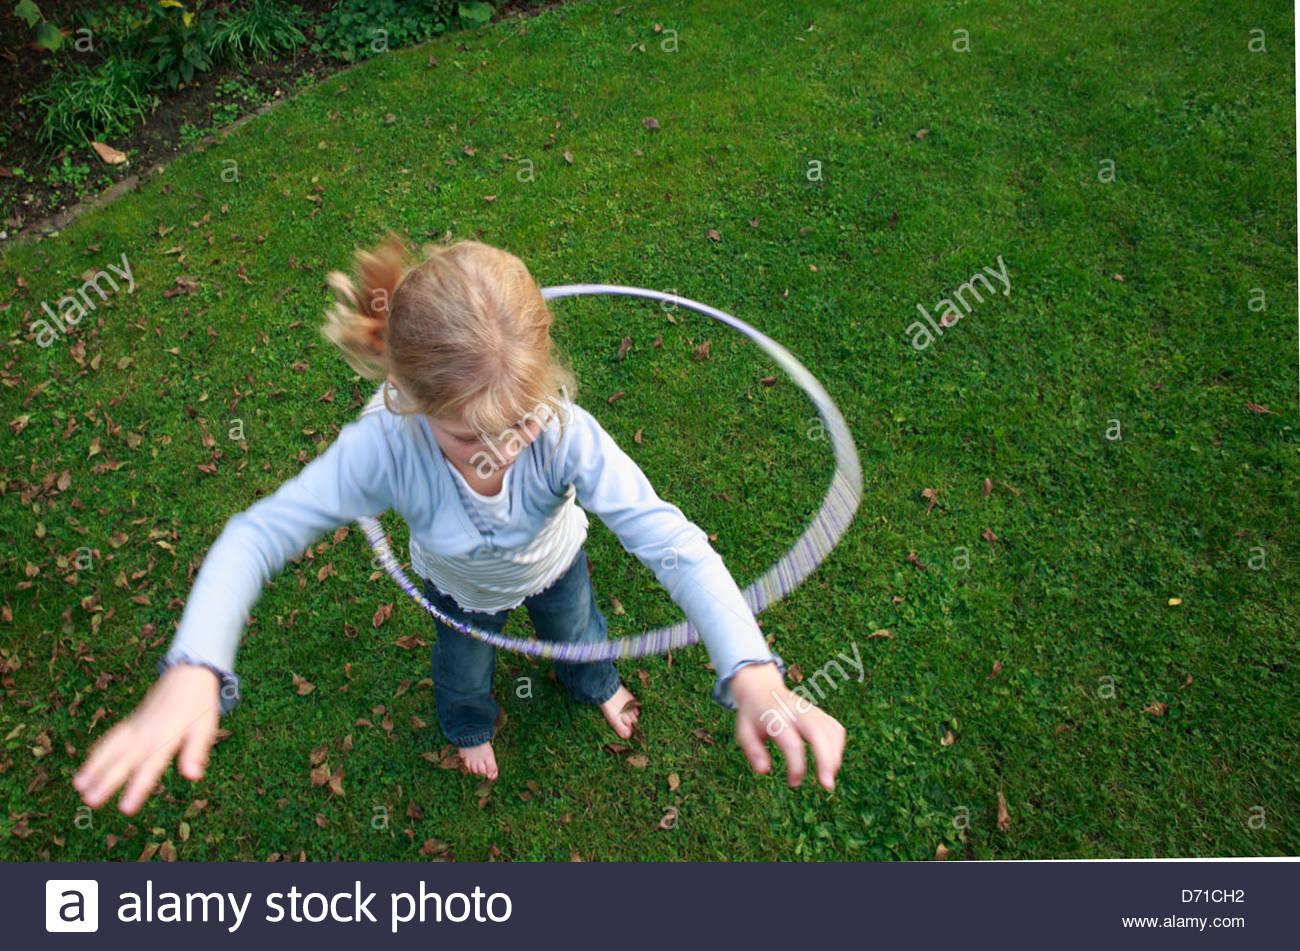 Erhöhte Ansicht von einem Mädchen spielen mit einem Hula-Hoop Stockbild